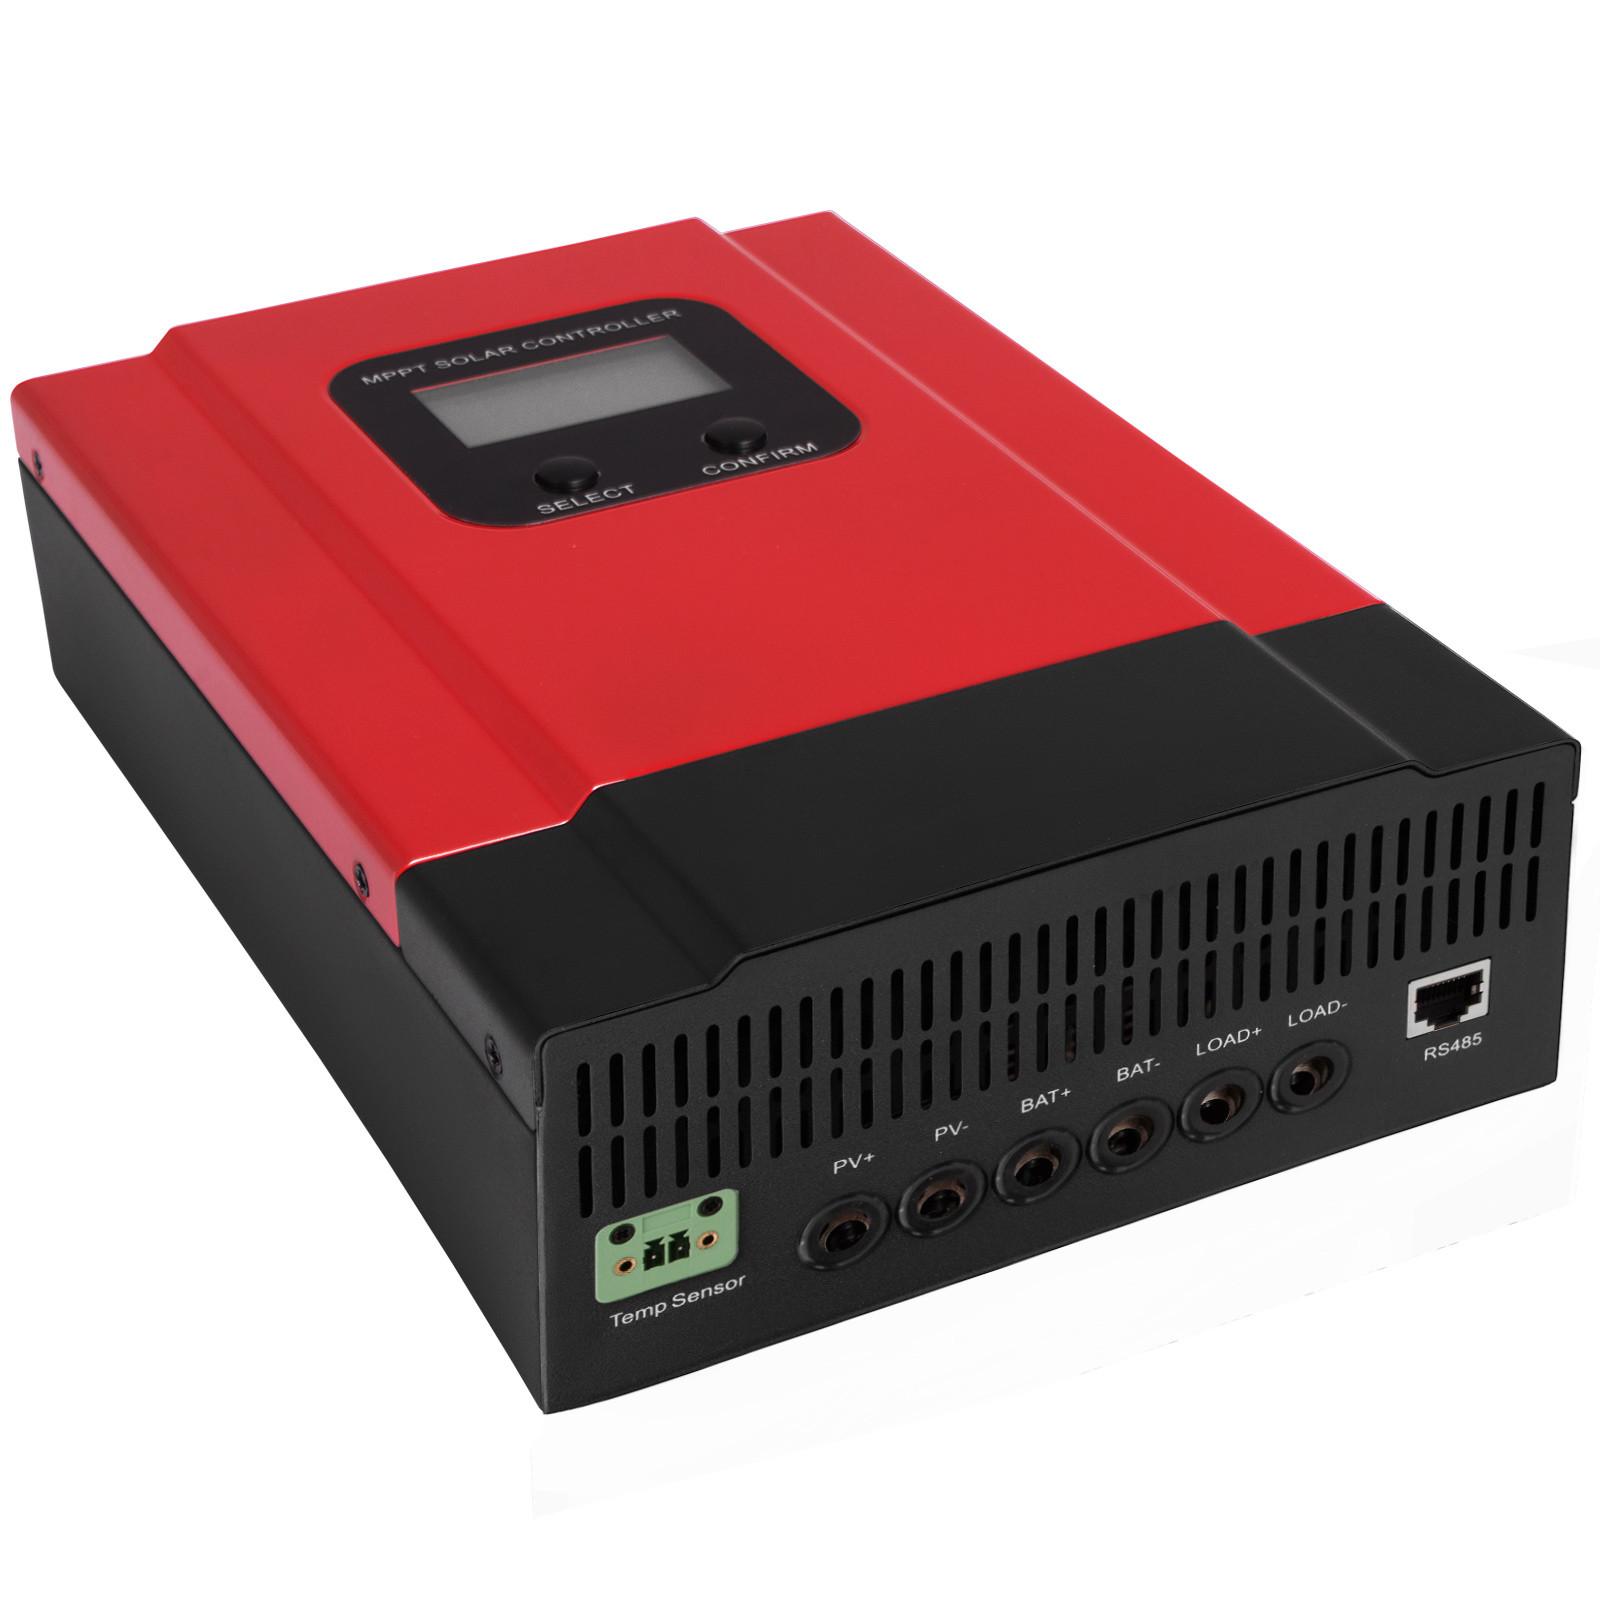 ESMART-3-LCD-40a-50a-60a-12v-24v-36v-48v-MPPT-Solar-Charge-Controller-Regolatore-di-carica miniatura 52